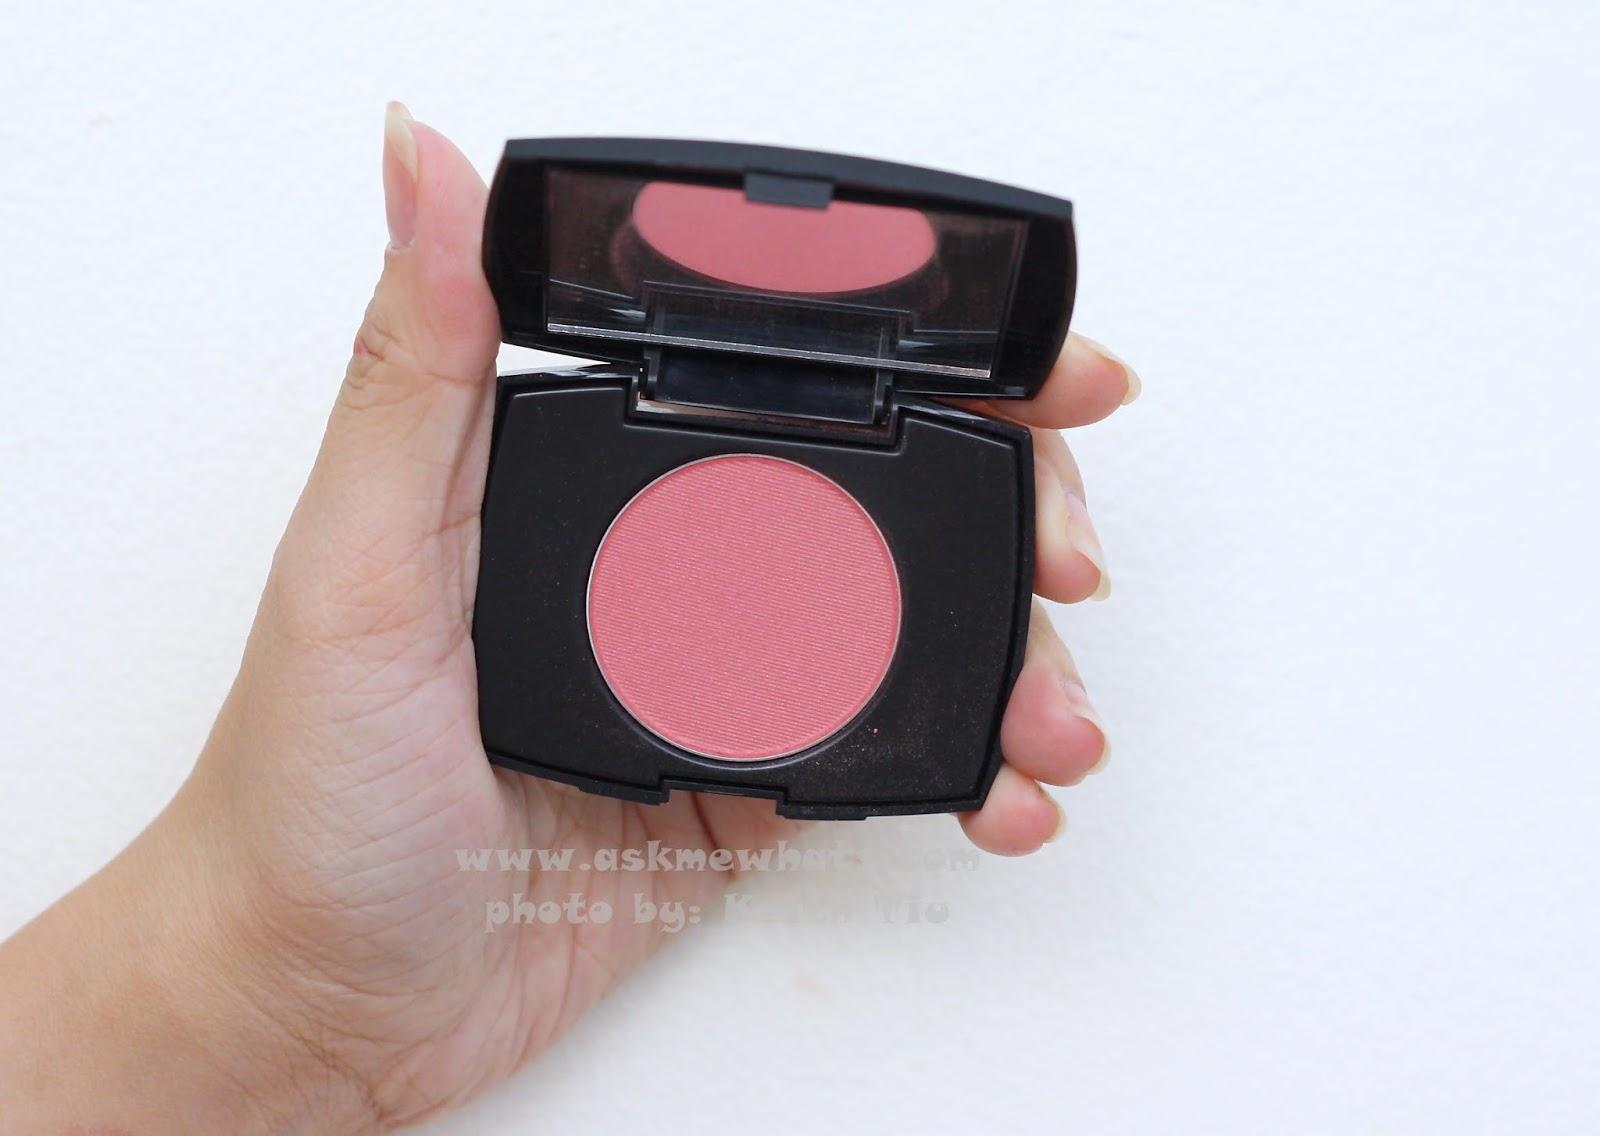 Free blush samples